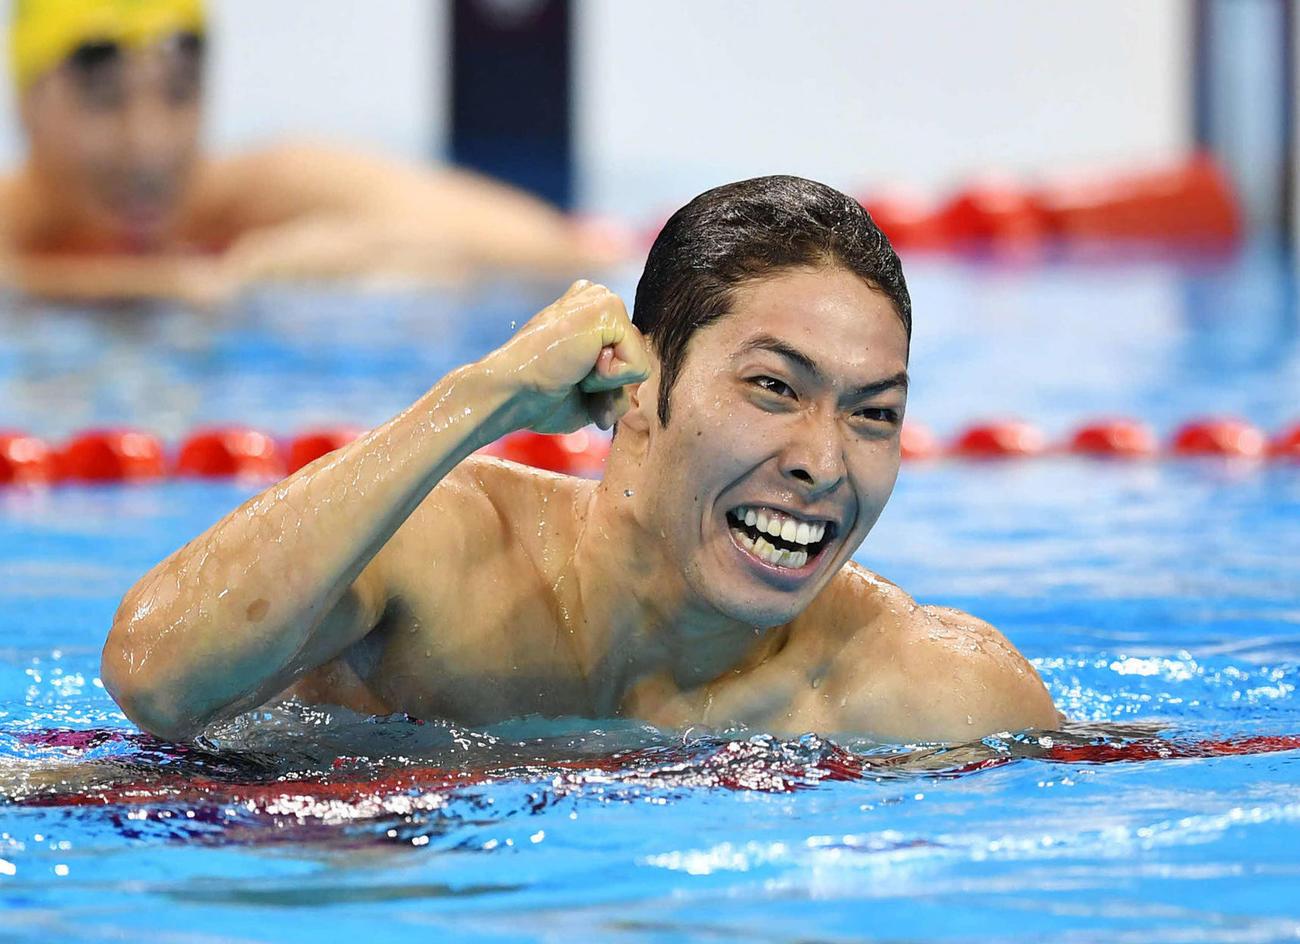 16年8月、リオデジャネイロ五輪競泳男子400メートル個人メドレー決勝で金メダルに輝いた萩野